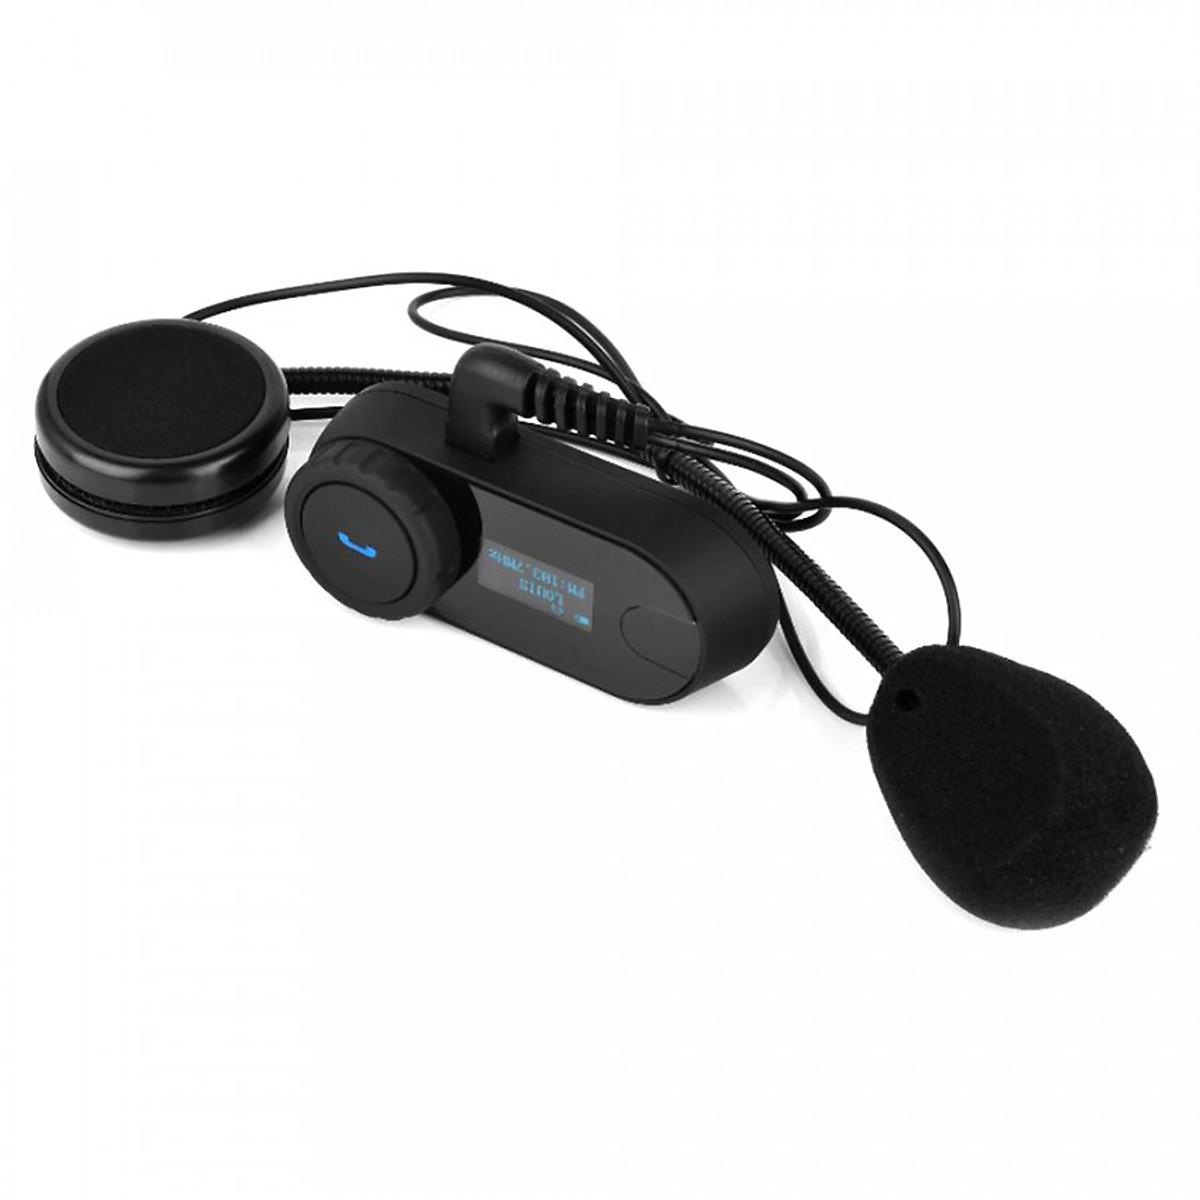 Bộ Tai Nghe Bluetooth Gắn Mũ Bảo Hiểm Chống Nước 800m Freedconn Tcom-SC X2